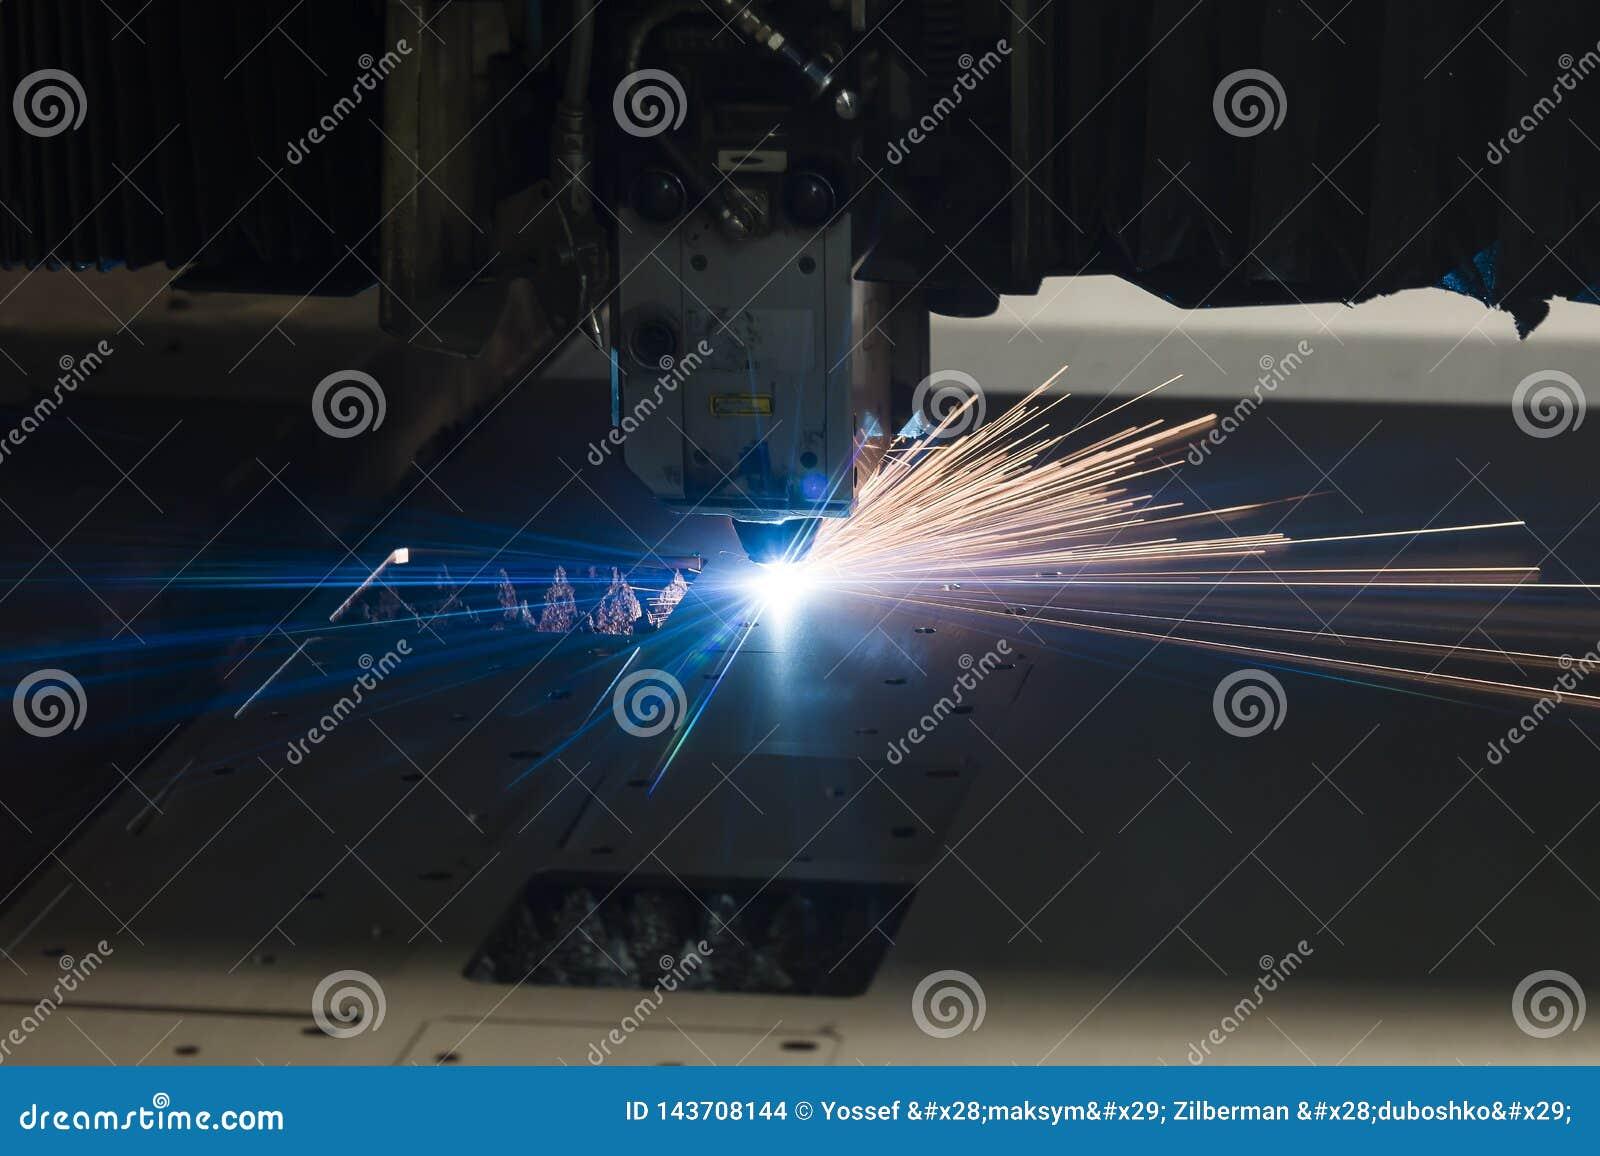 Industriële de vervaardigingstechnologie van de laser scherpe verwerking van het staalmateriaal van het vlak bladmetaal met vonke